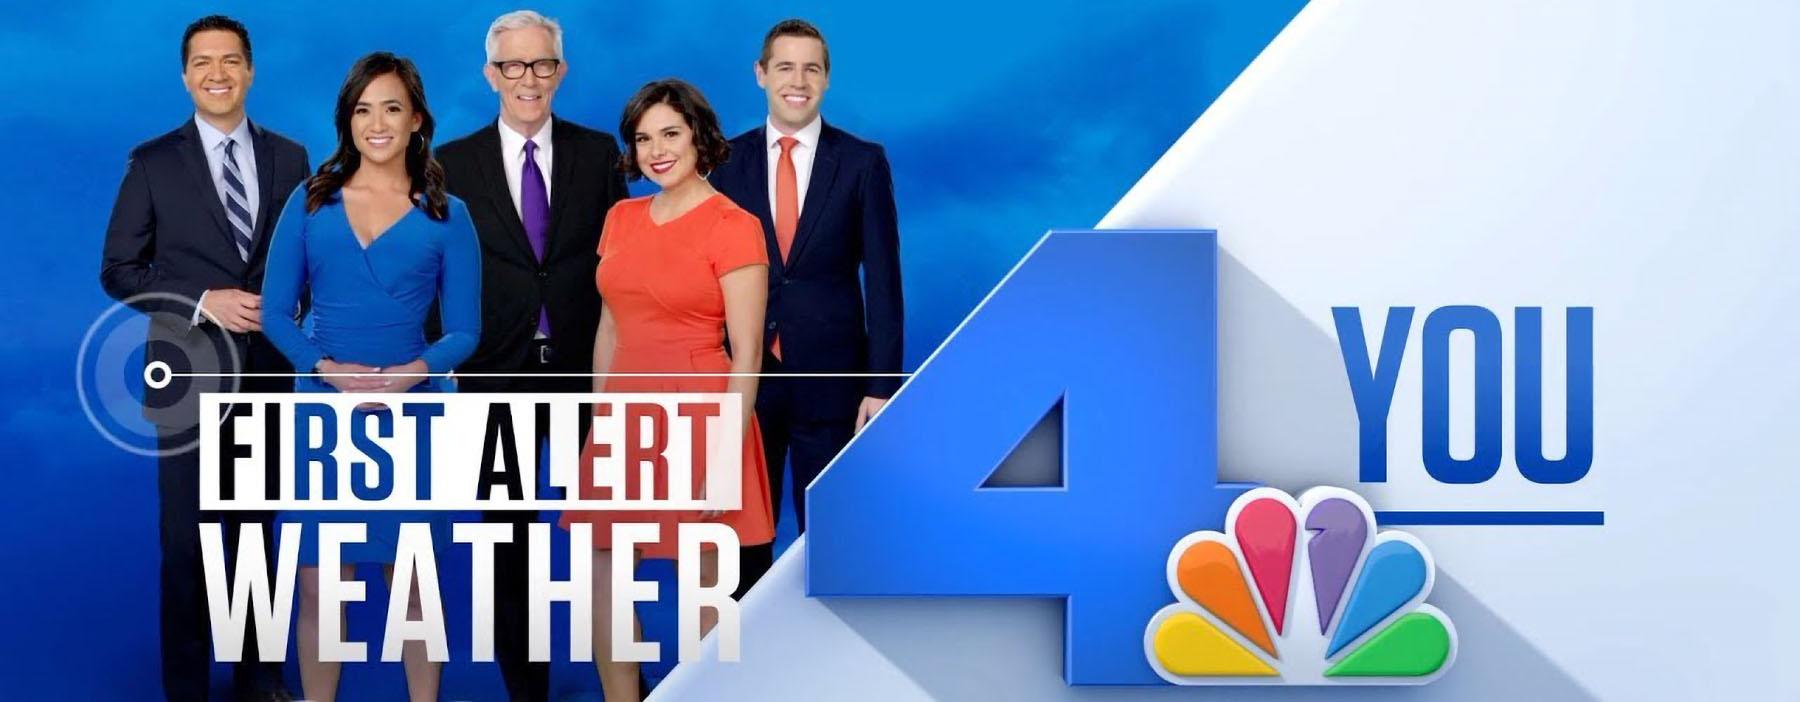 Fiest Alert Weather team of NBC 4 Los Angeles